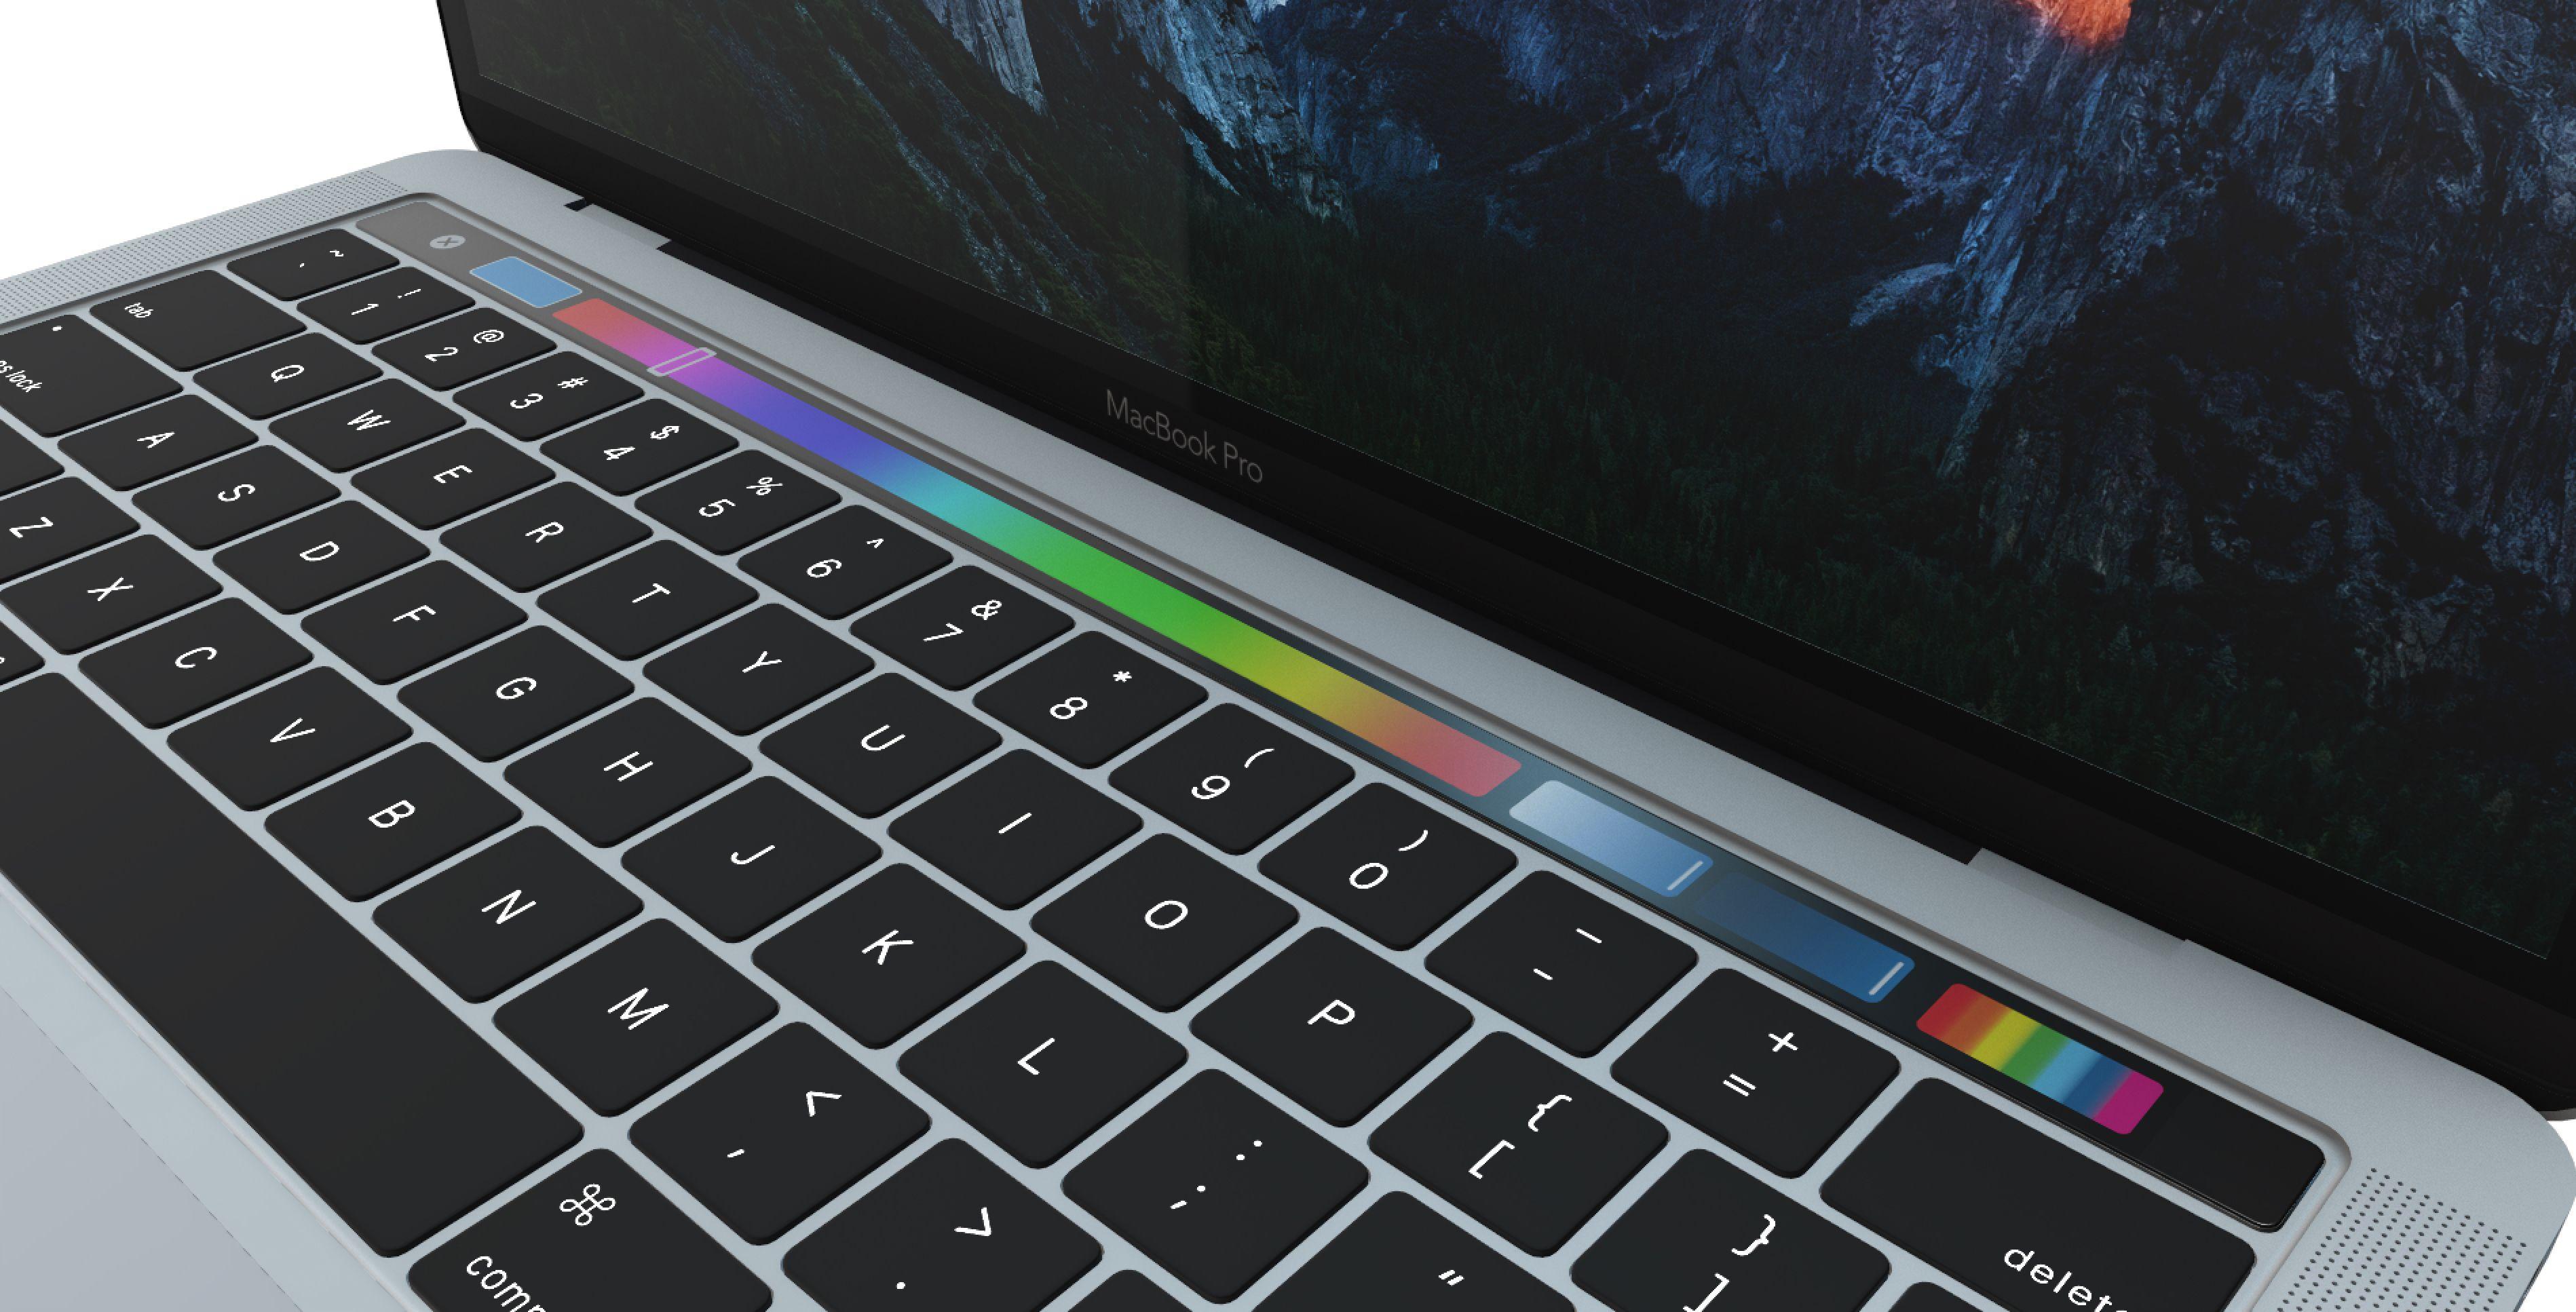 Element 3d 2016 Apple Macbook Pro Element Apple Pro Macbook Macbook Pro 2016 Macbook Pro 13 Apple Macbook Pro